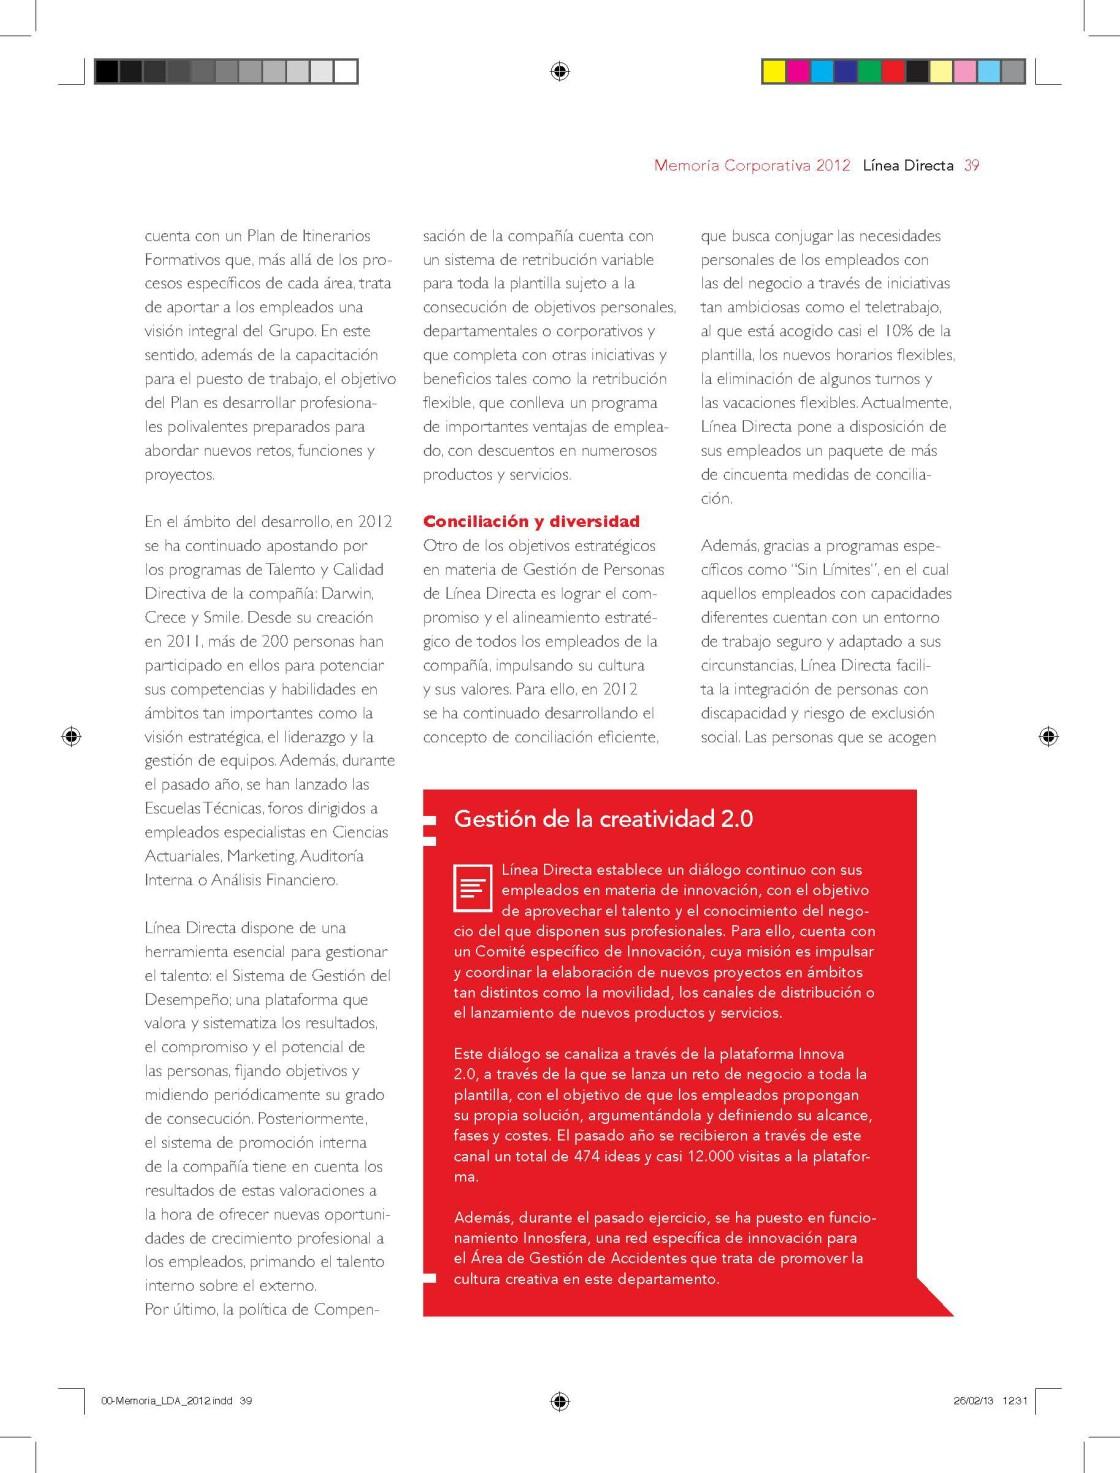 Memoria_LDA_2012_Page_39